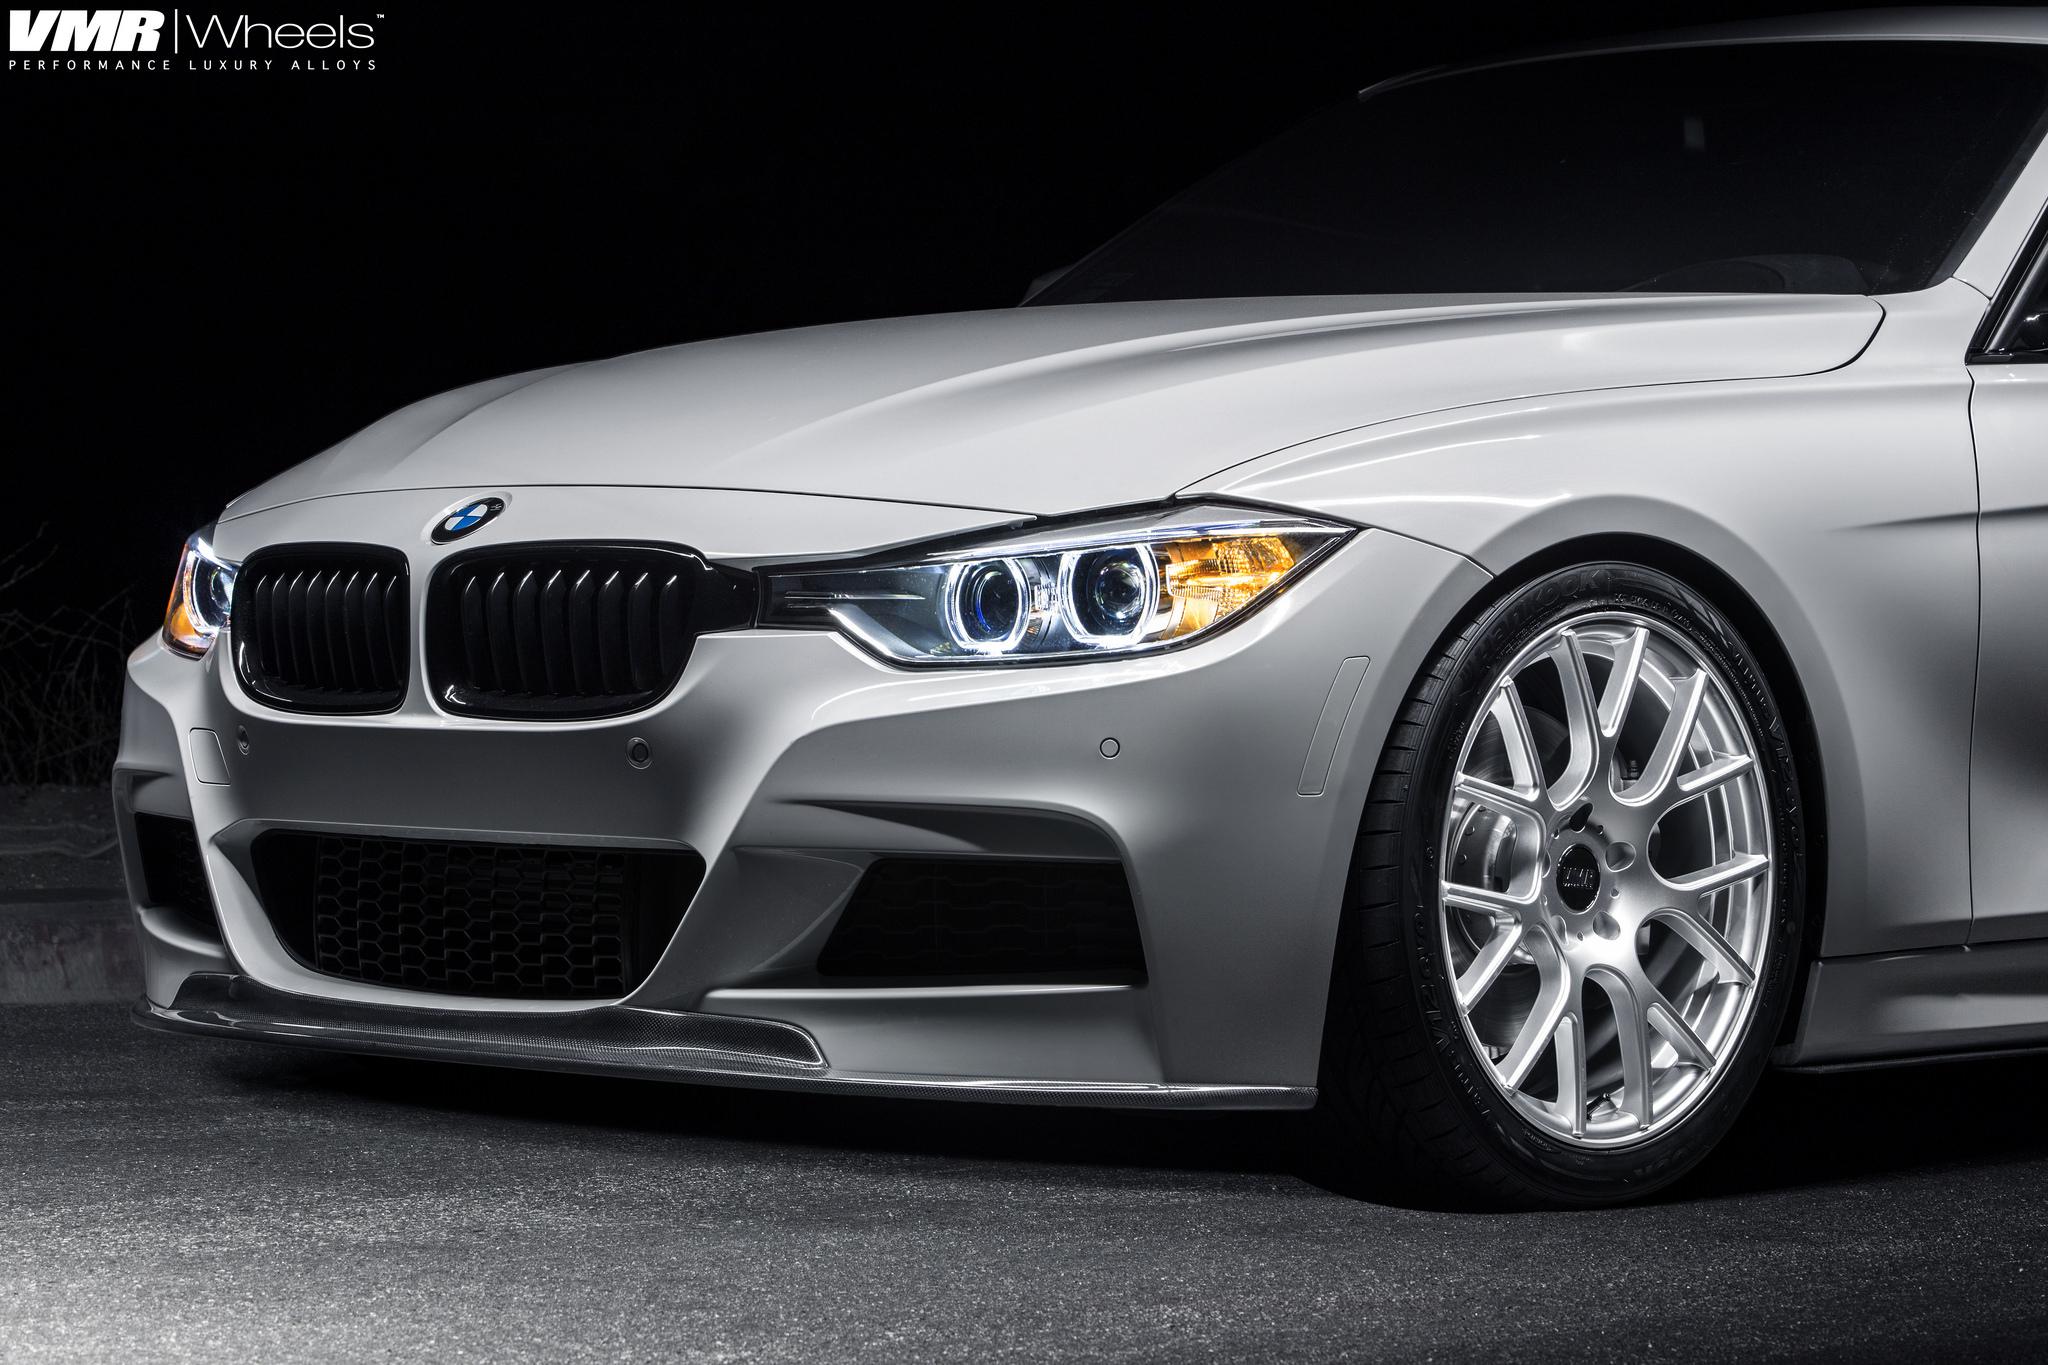 BMW 3-Series by VMR Wheels